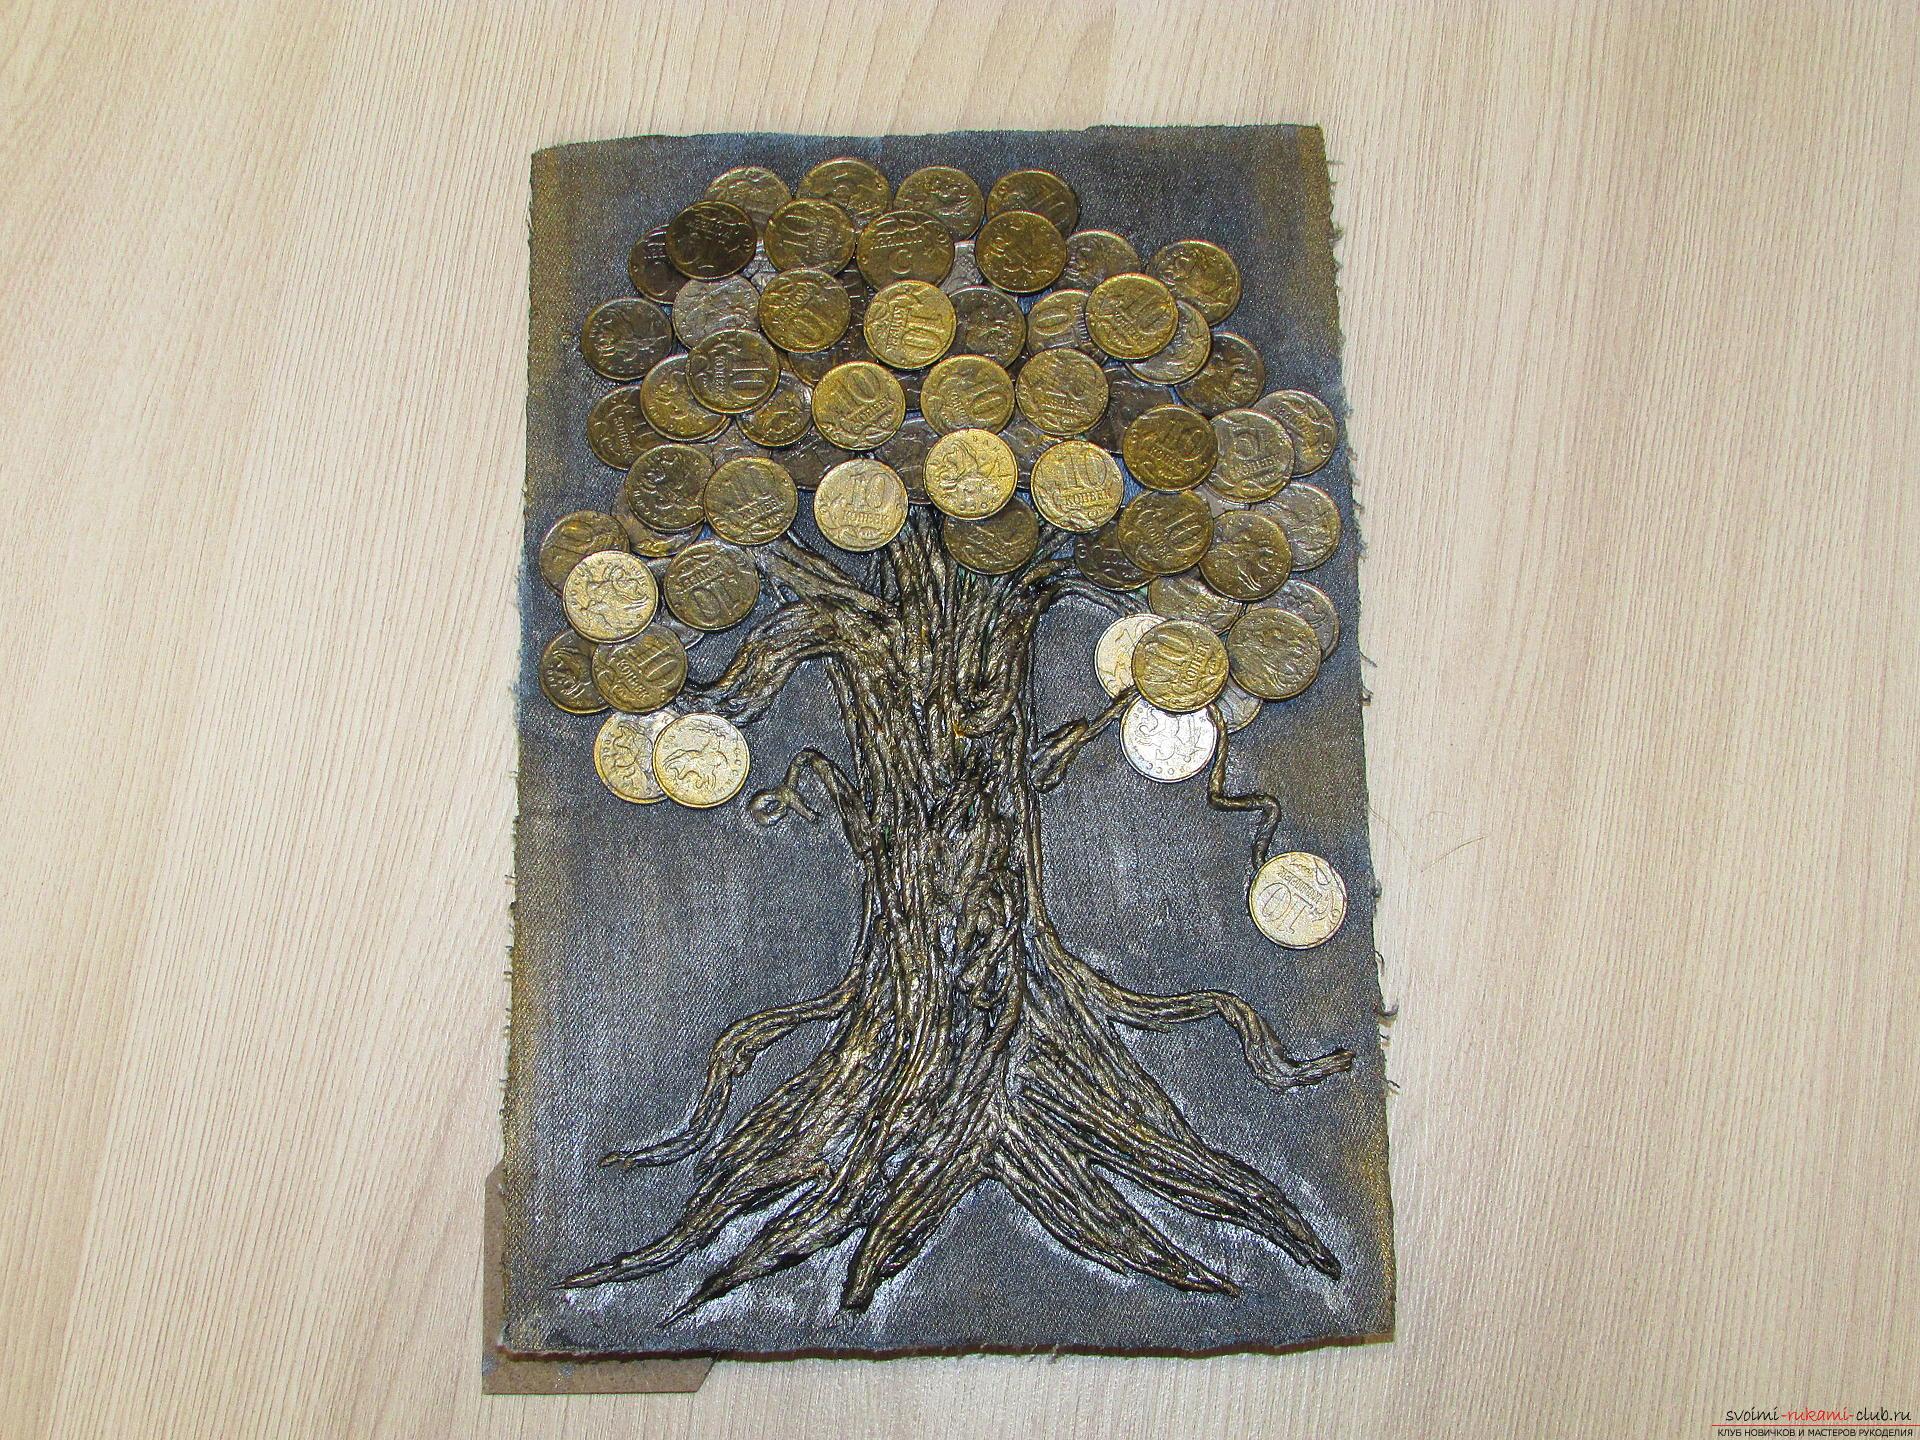 Мастер-класс покажет как сделать денежное дерево из монет своими руками.. Фото №16